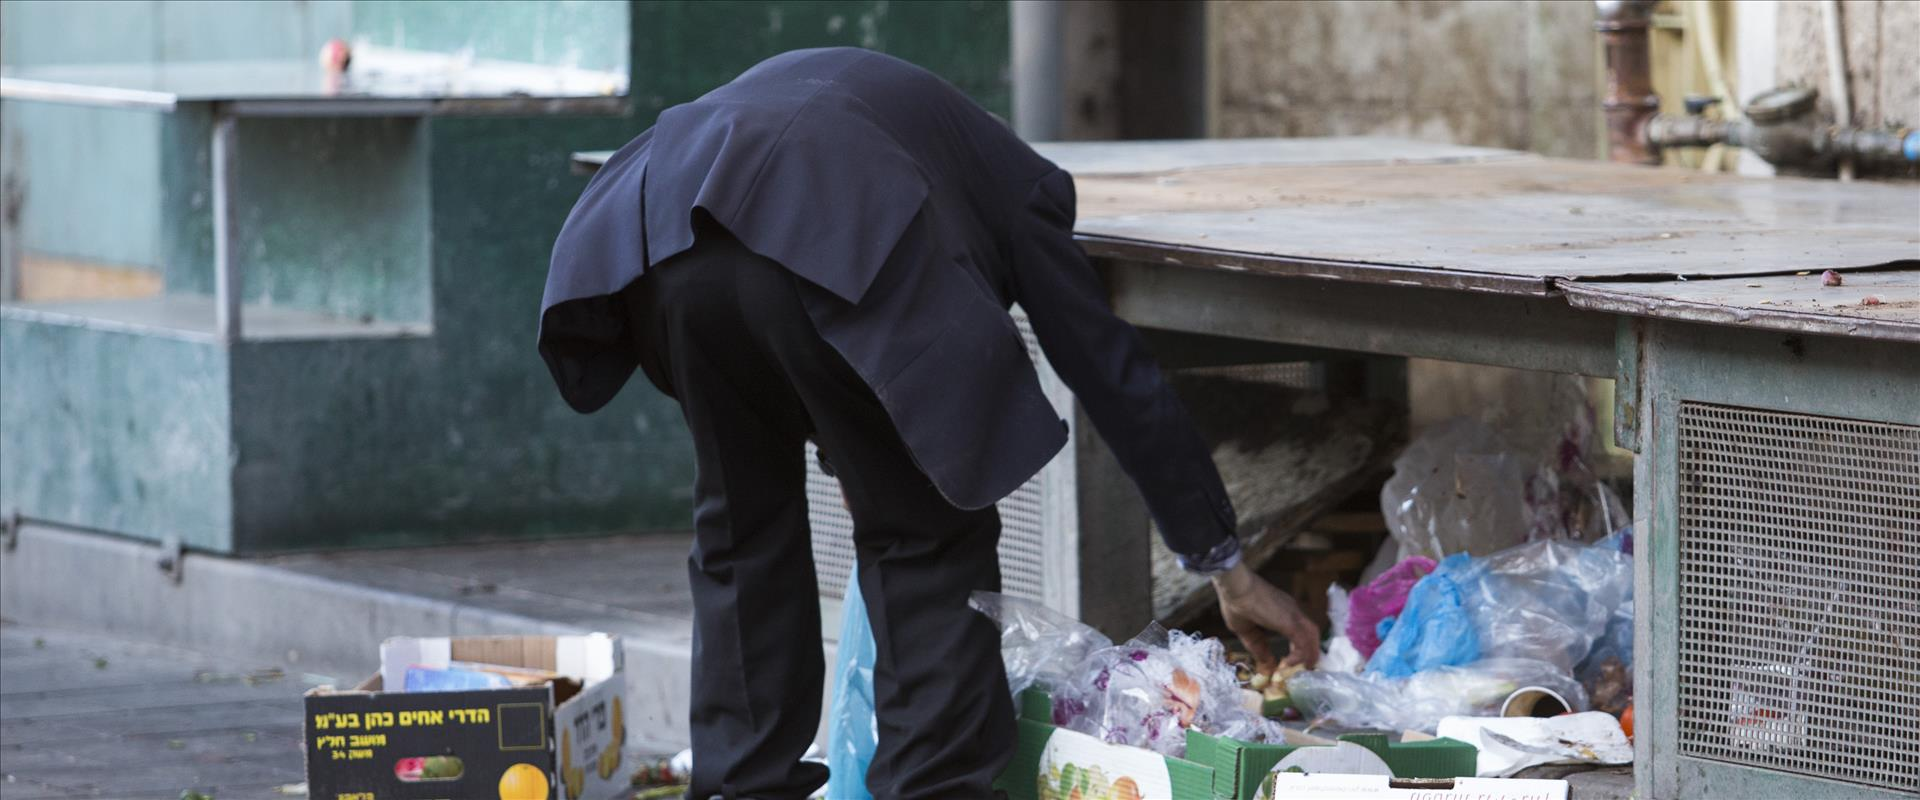 Israël met tout en oeuvre pour sortir de la pauvreté